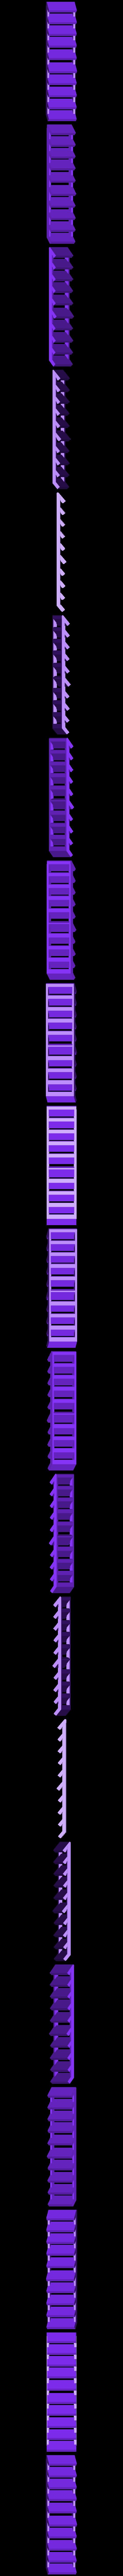 stairs1.stl Télécharger fichier STL gratuit Ripper's London - The (Modular) Factory • Modèle pour imprimante 3D, Earsling